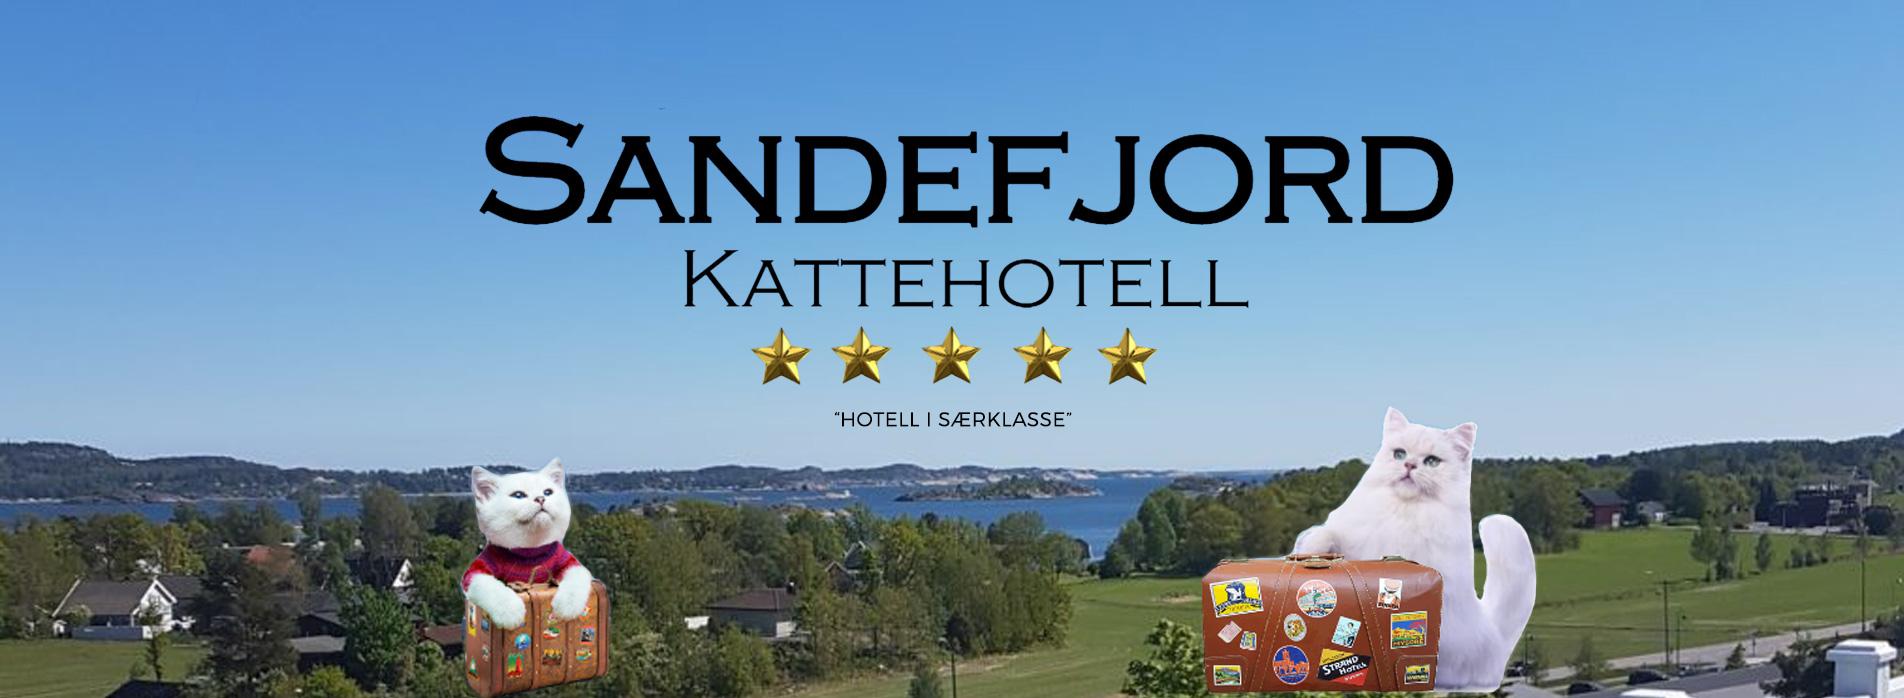 Sandefjord Kattehotell